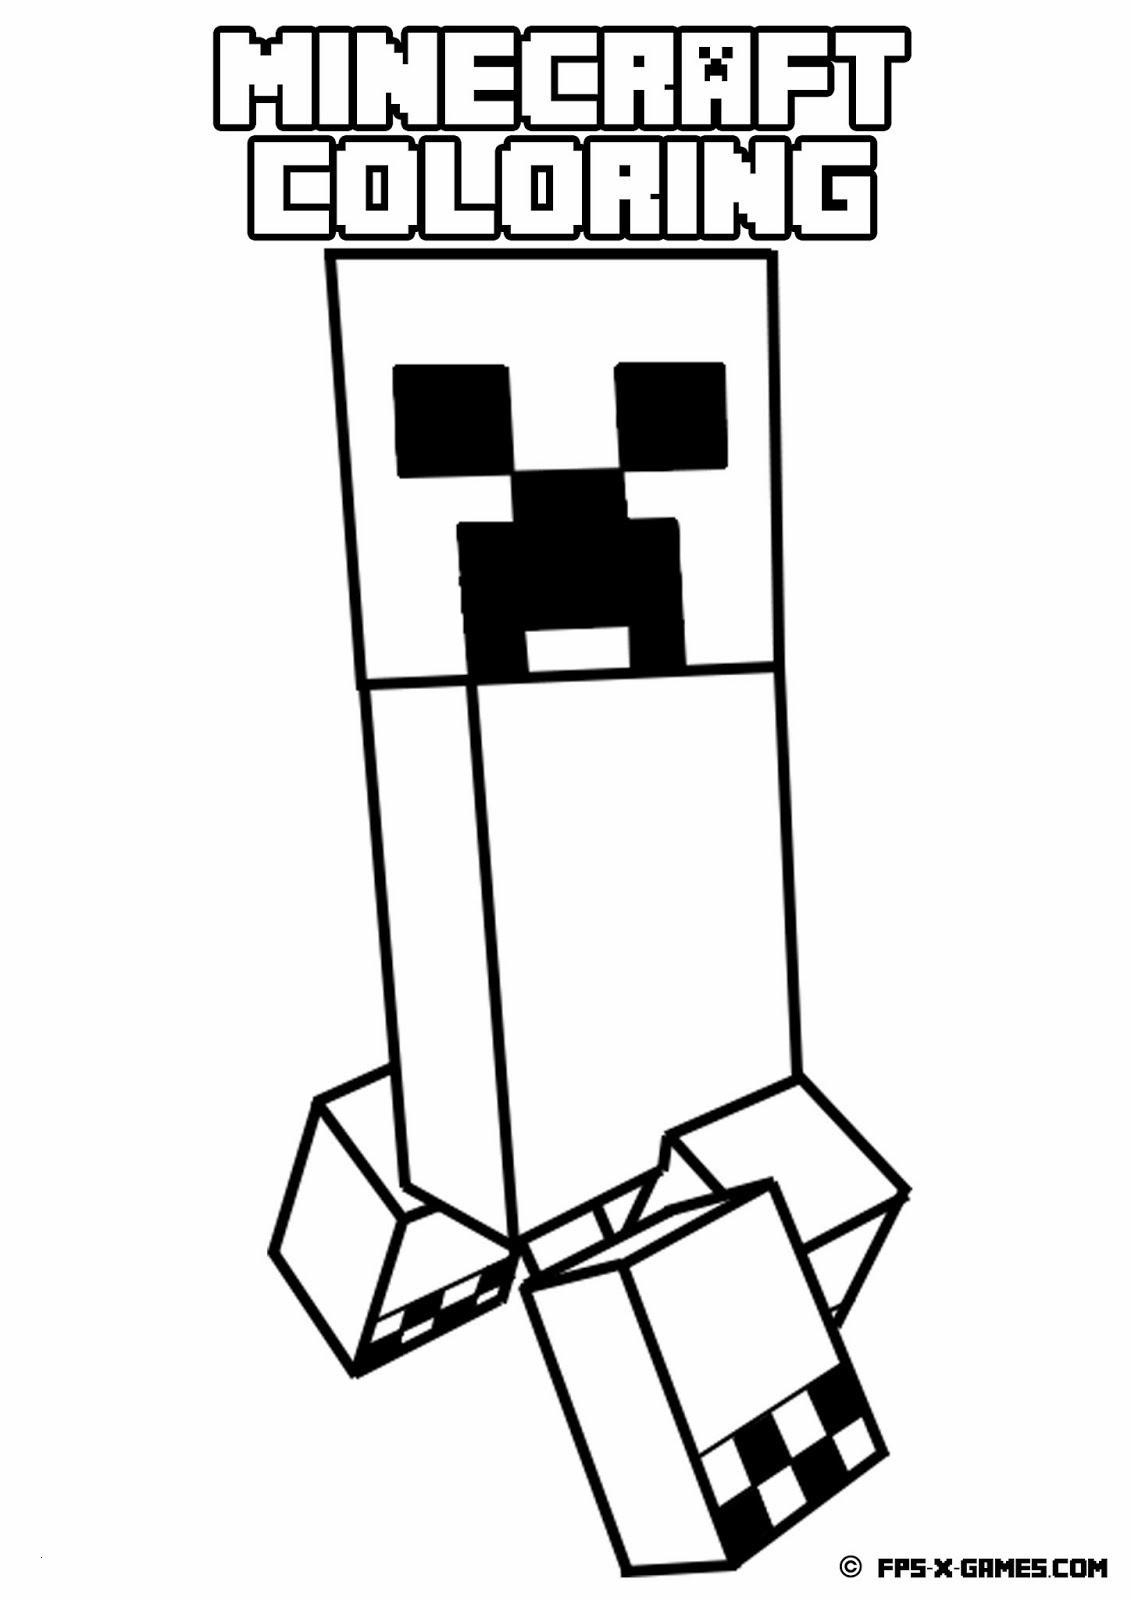 Minecraft Bilder Zum Ausmalen Inspirierend Minecraft Ausmalbilder Skins Uploadertalk Luxus Minecraft Fotos